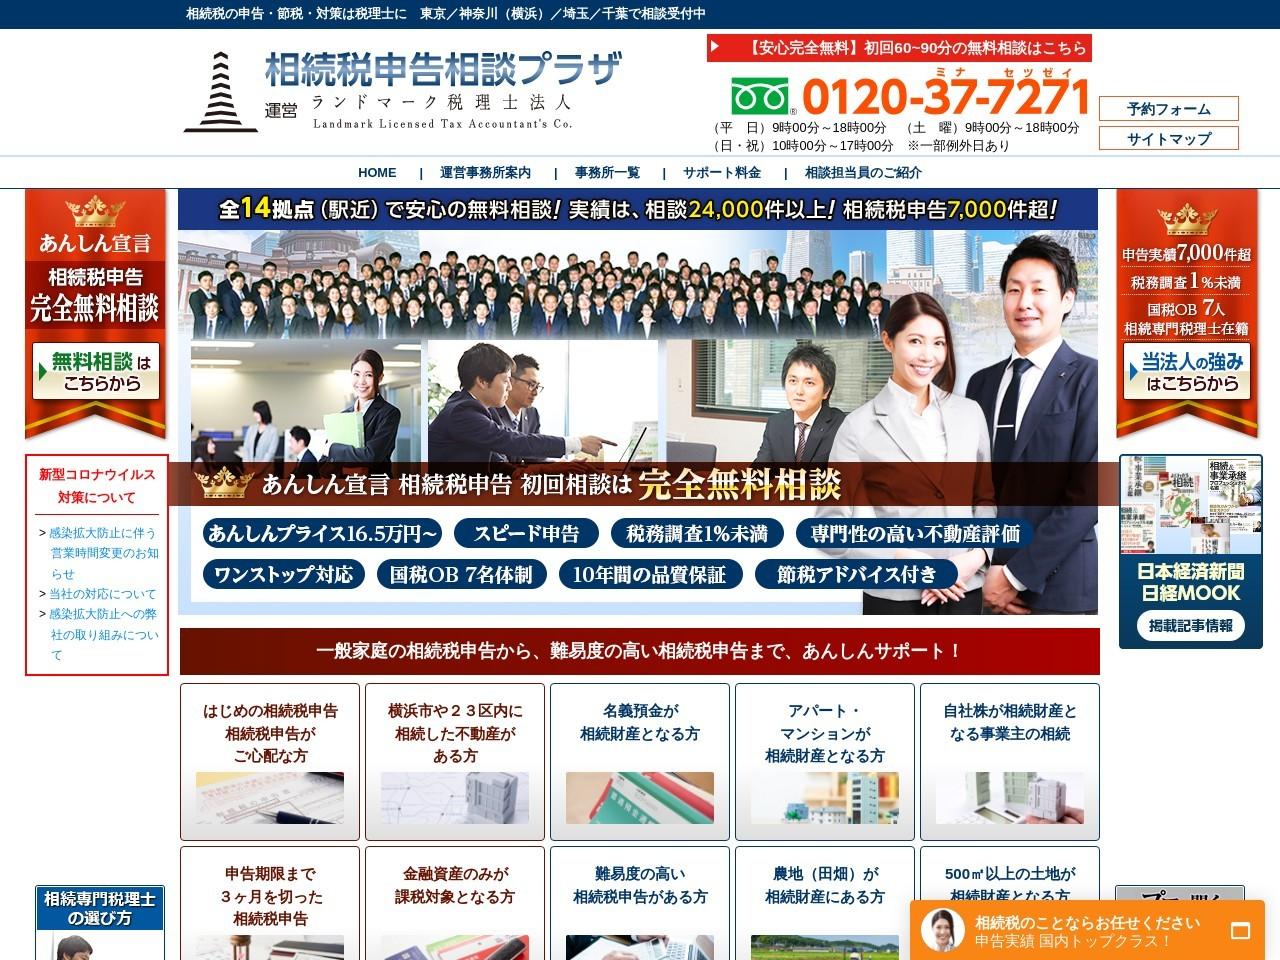 ランドマーク税理士法人多摩川崎事務所